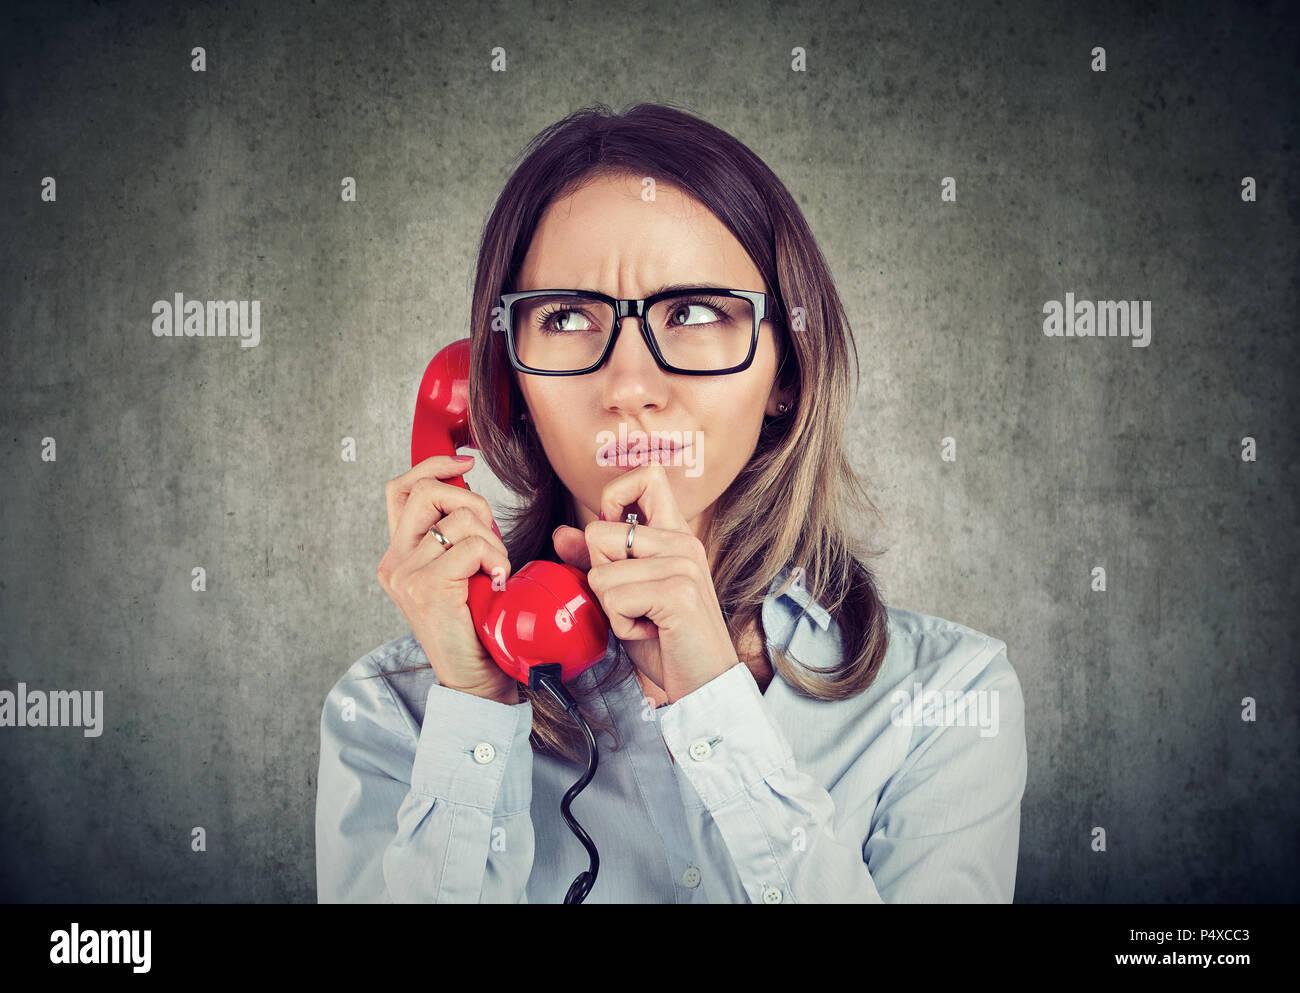 Mujer joven en camisa y gafas que llame por teléfono y fruncir el ceño con confusión están preocupados por problemas Imagen De Stock